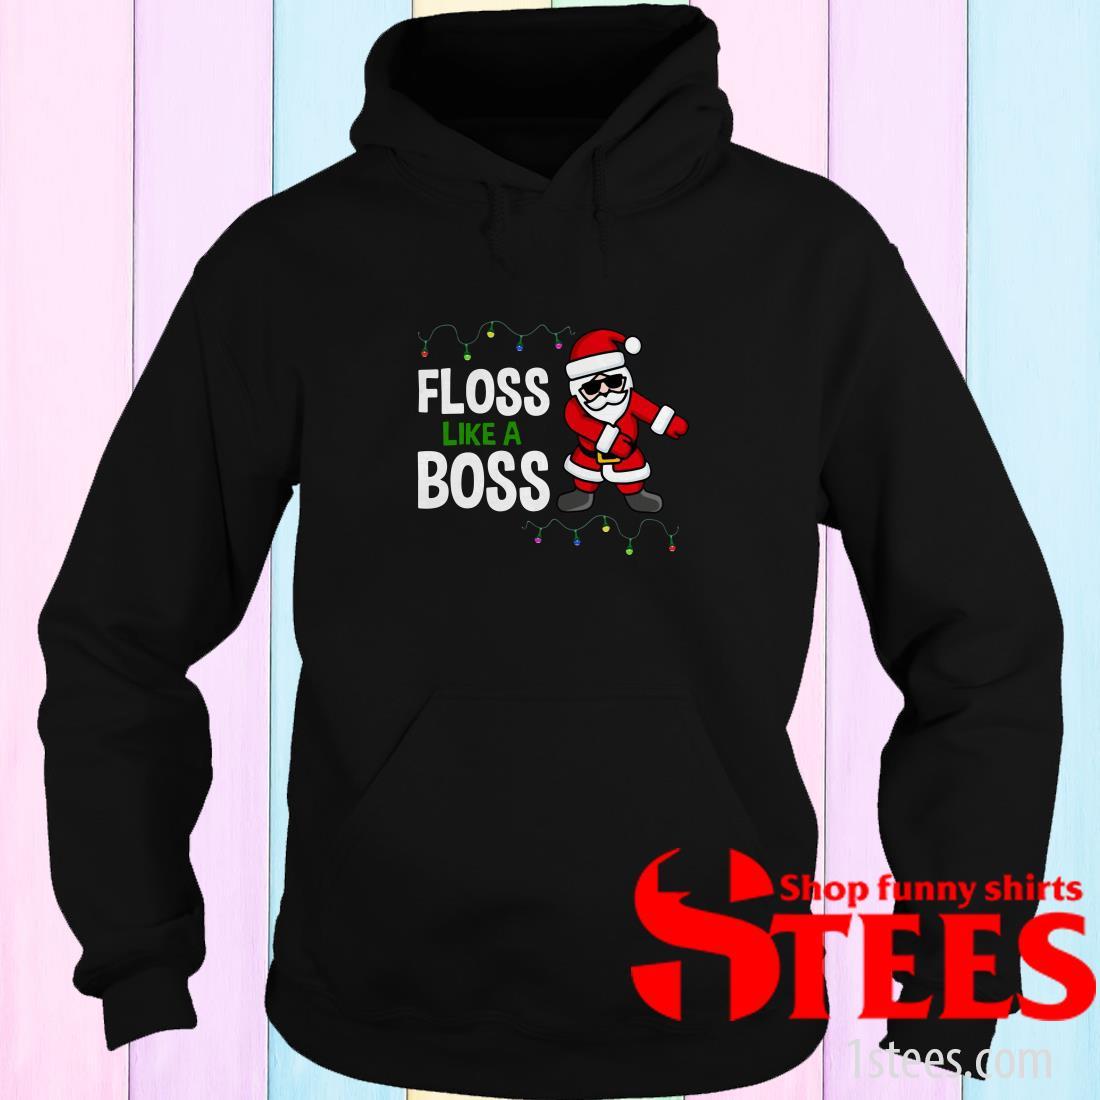 Santa Floss Like A Boss Christmas Sweatshirt